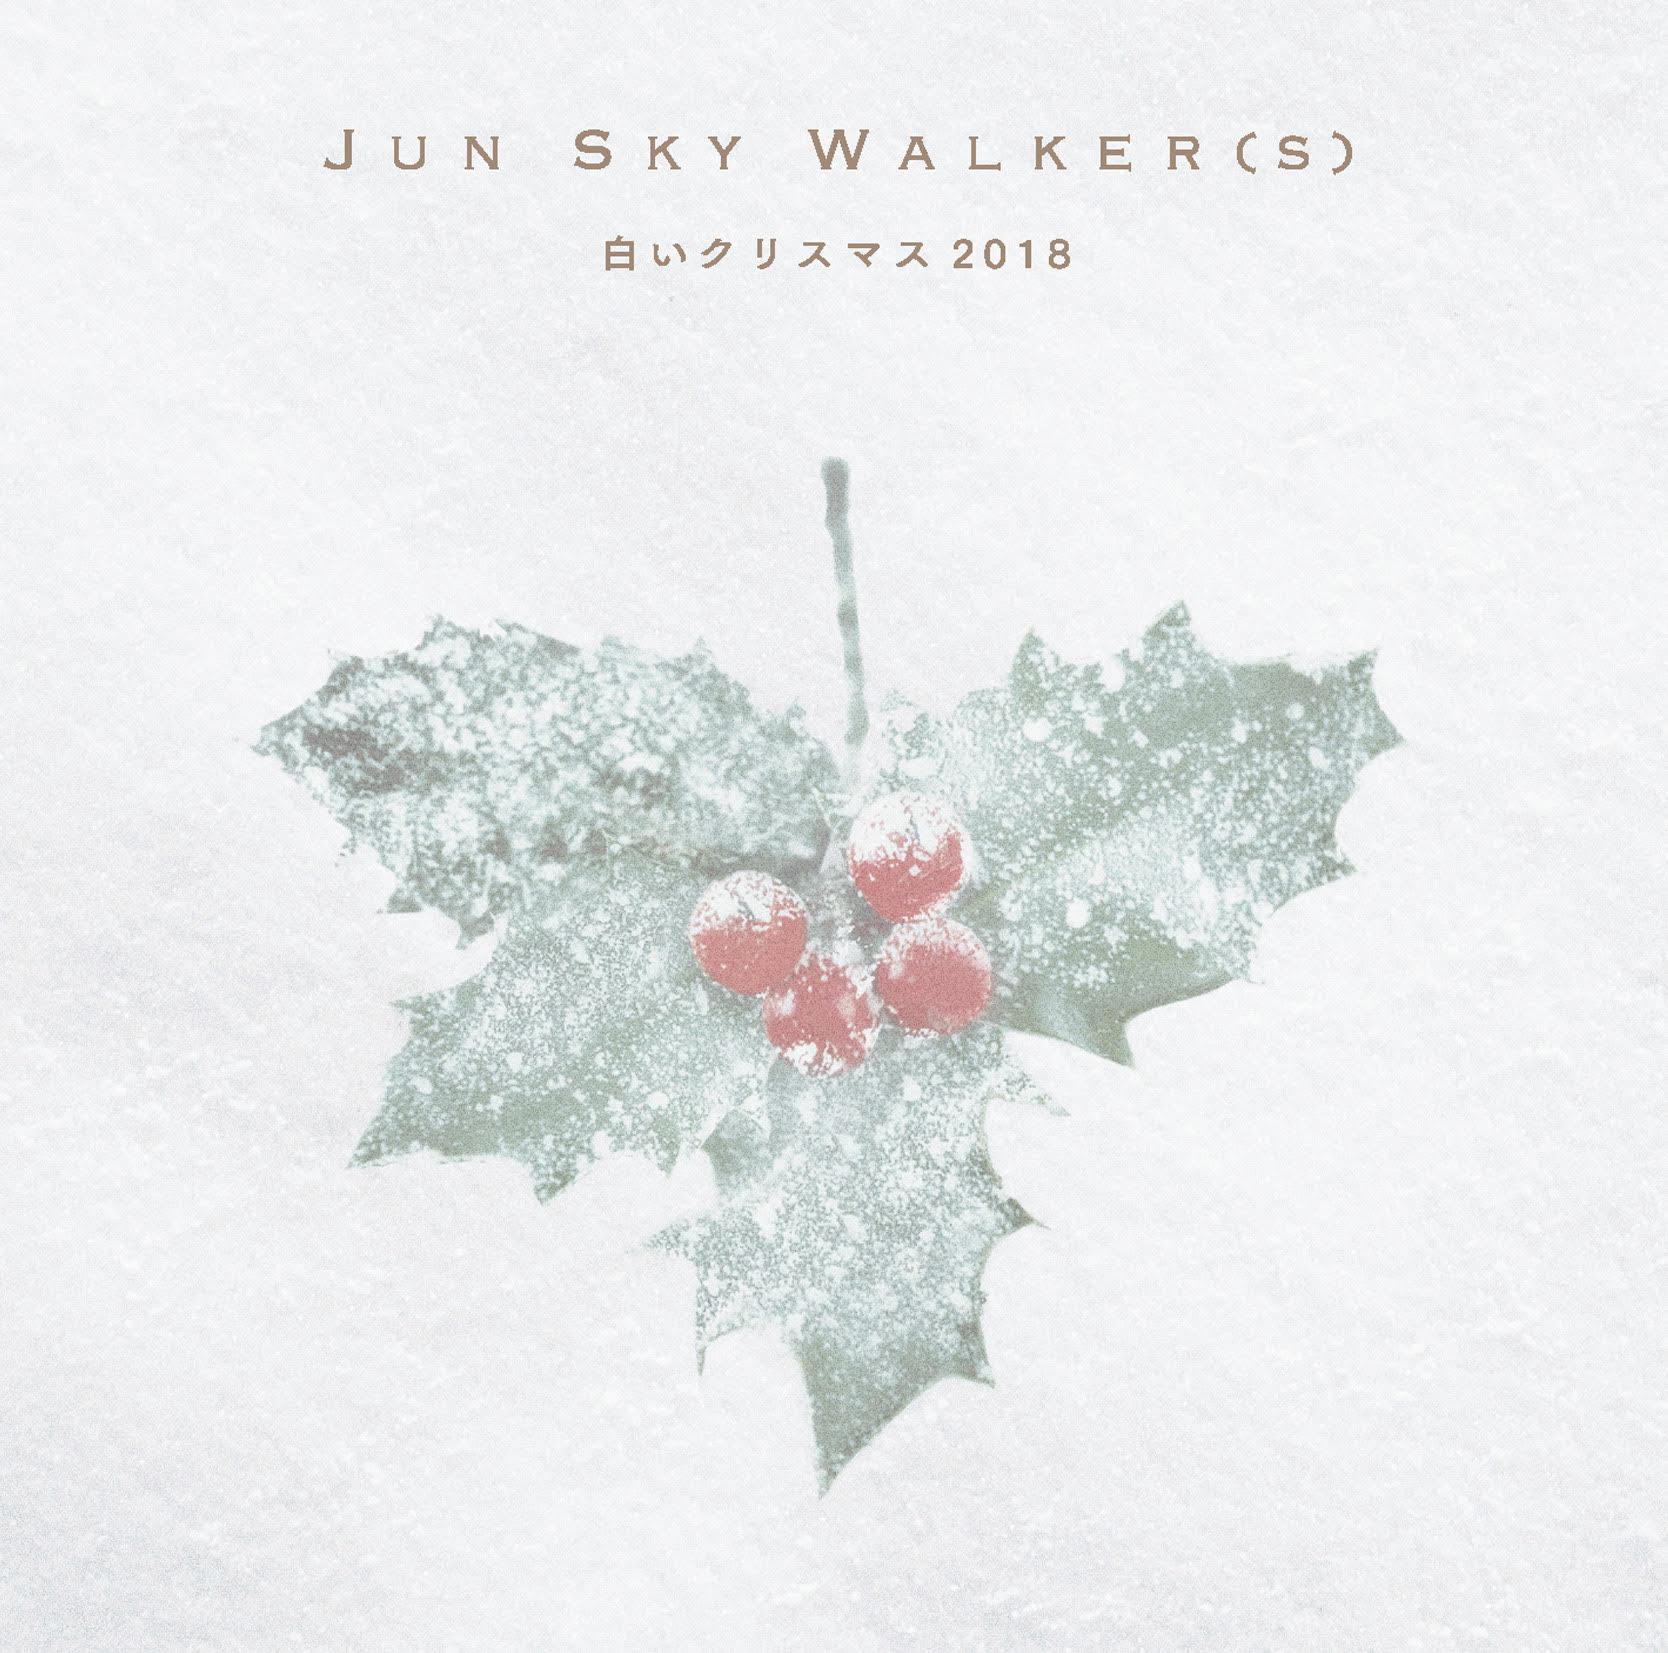 JUN SKY WALKER(S)「白いクリスマス2018」